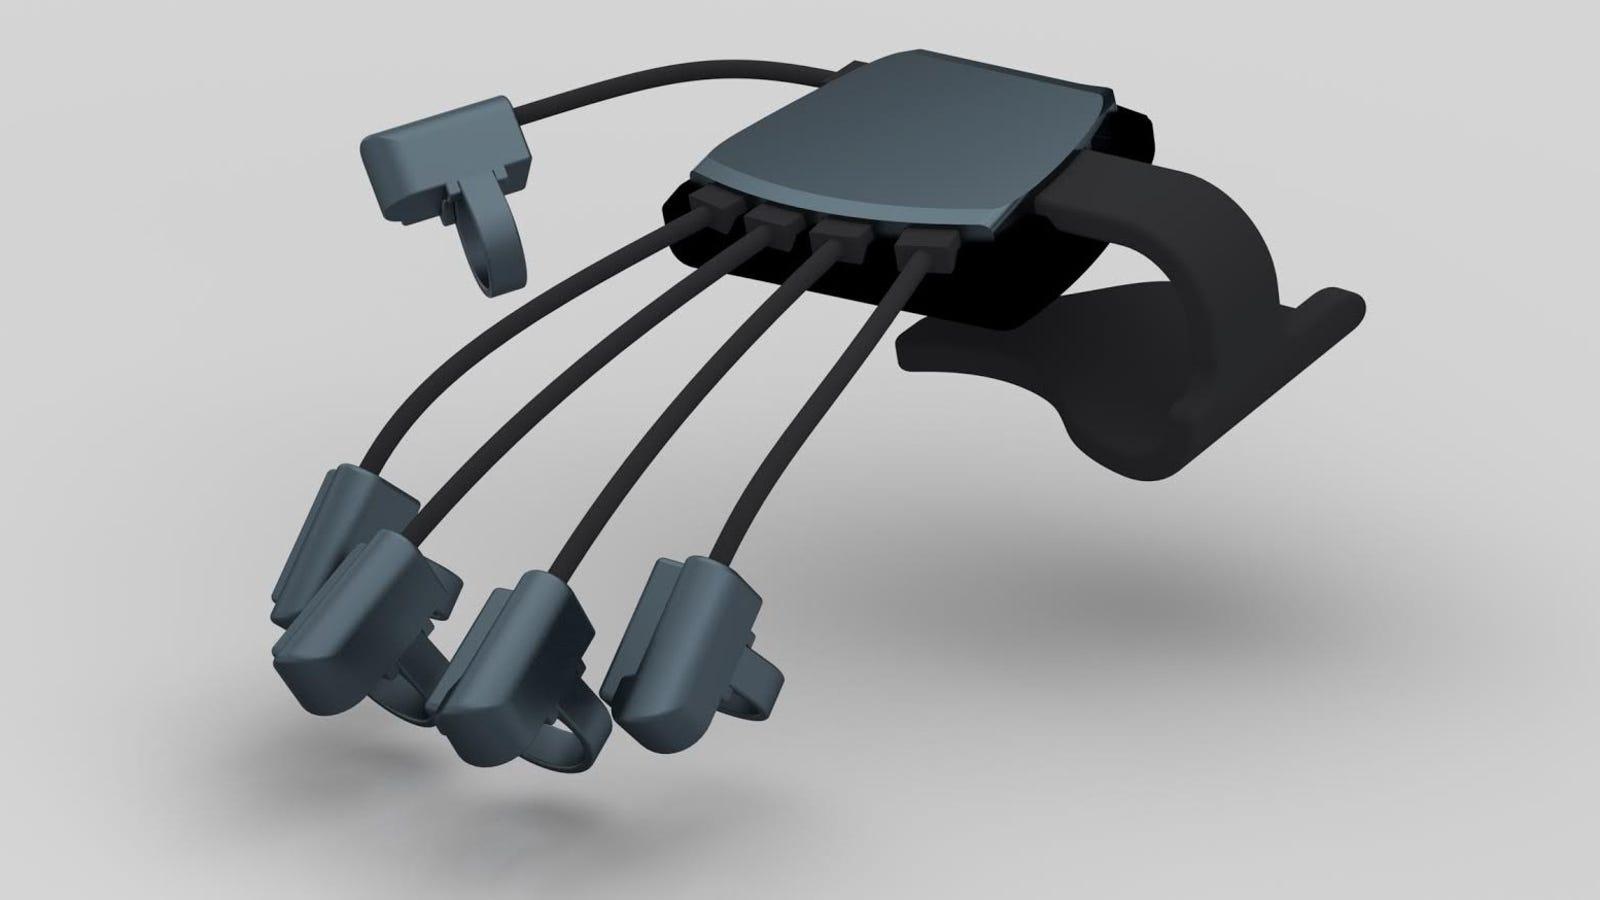 Los guantes para mover objetos virtuales llegan a Oculus Rift